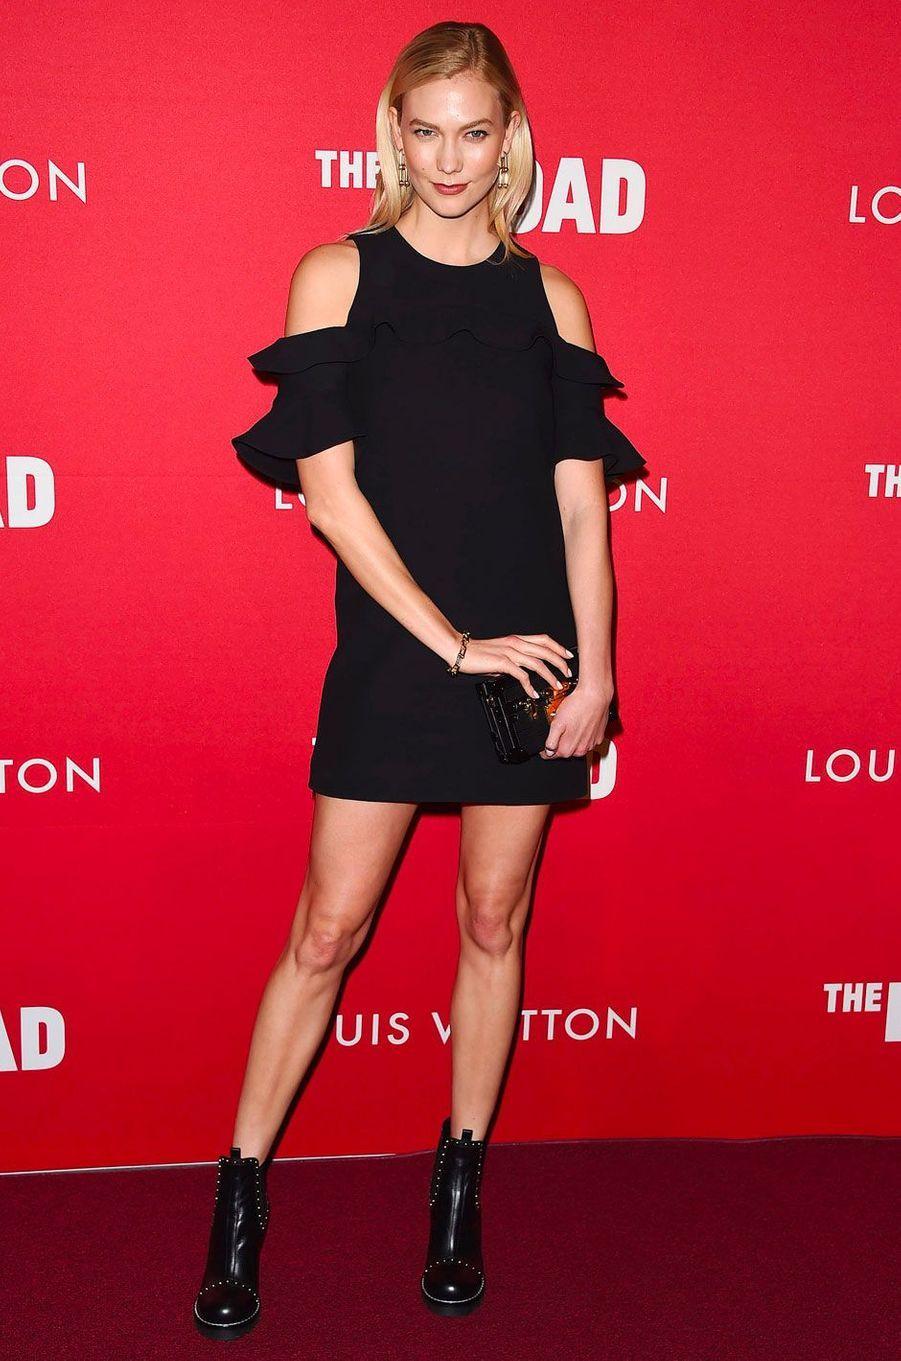 Karlie Kloss à une soirée organisée par Louis Vuitton, à Los Angeles le 8 février 2018